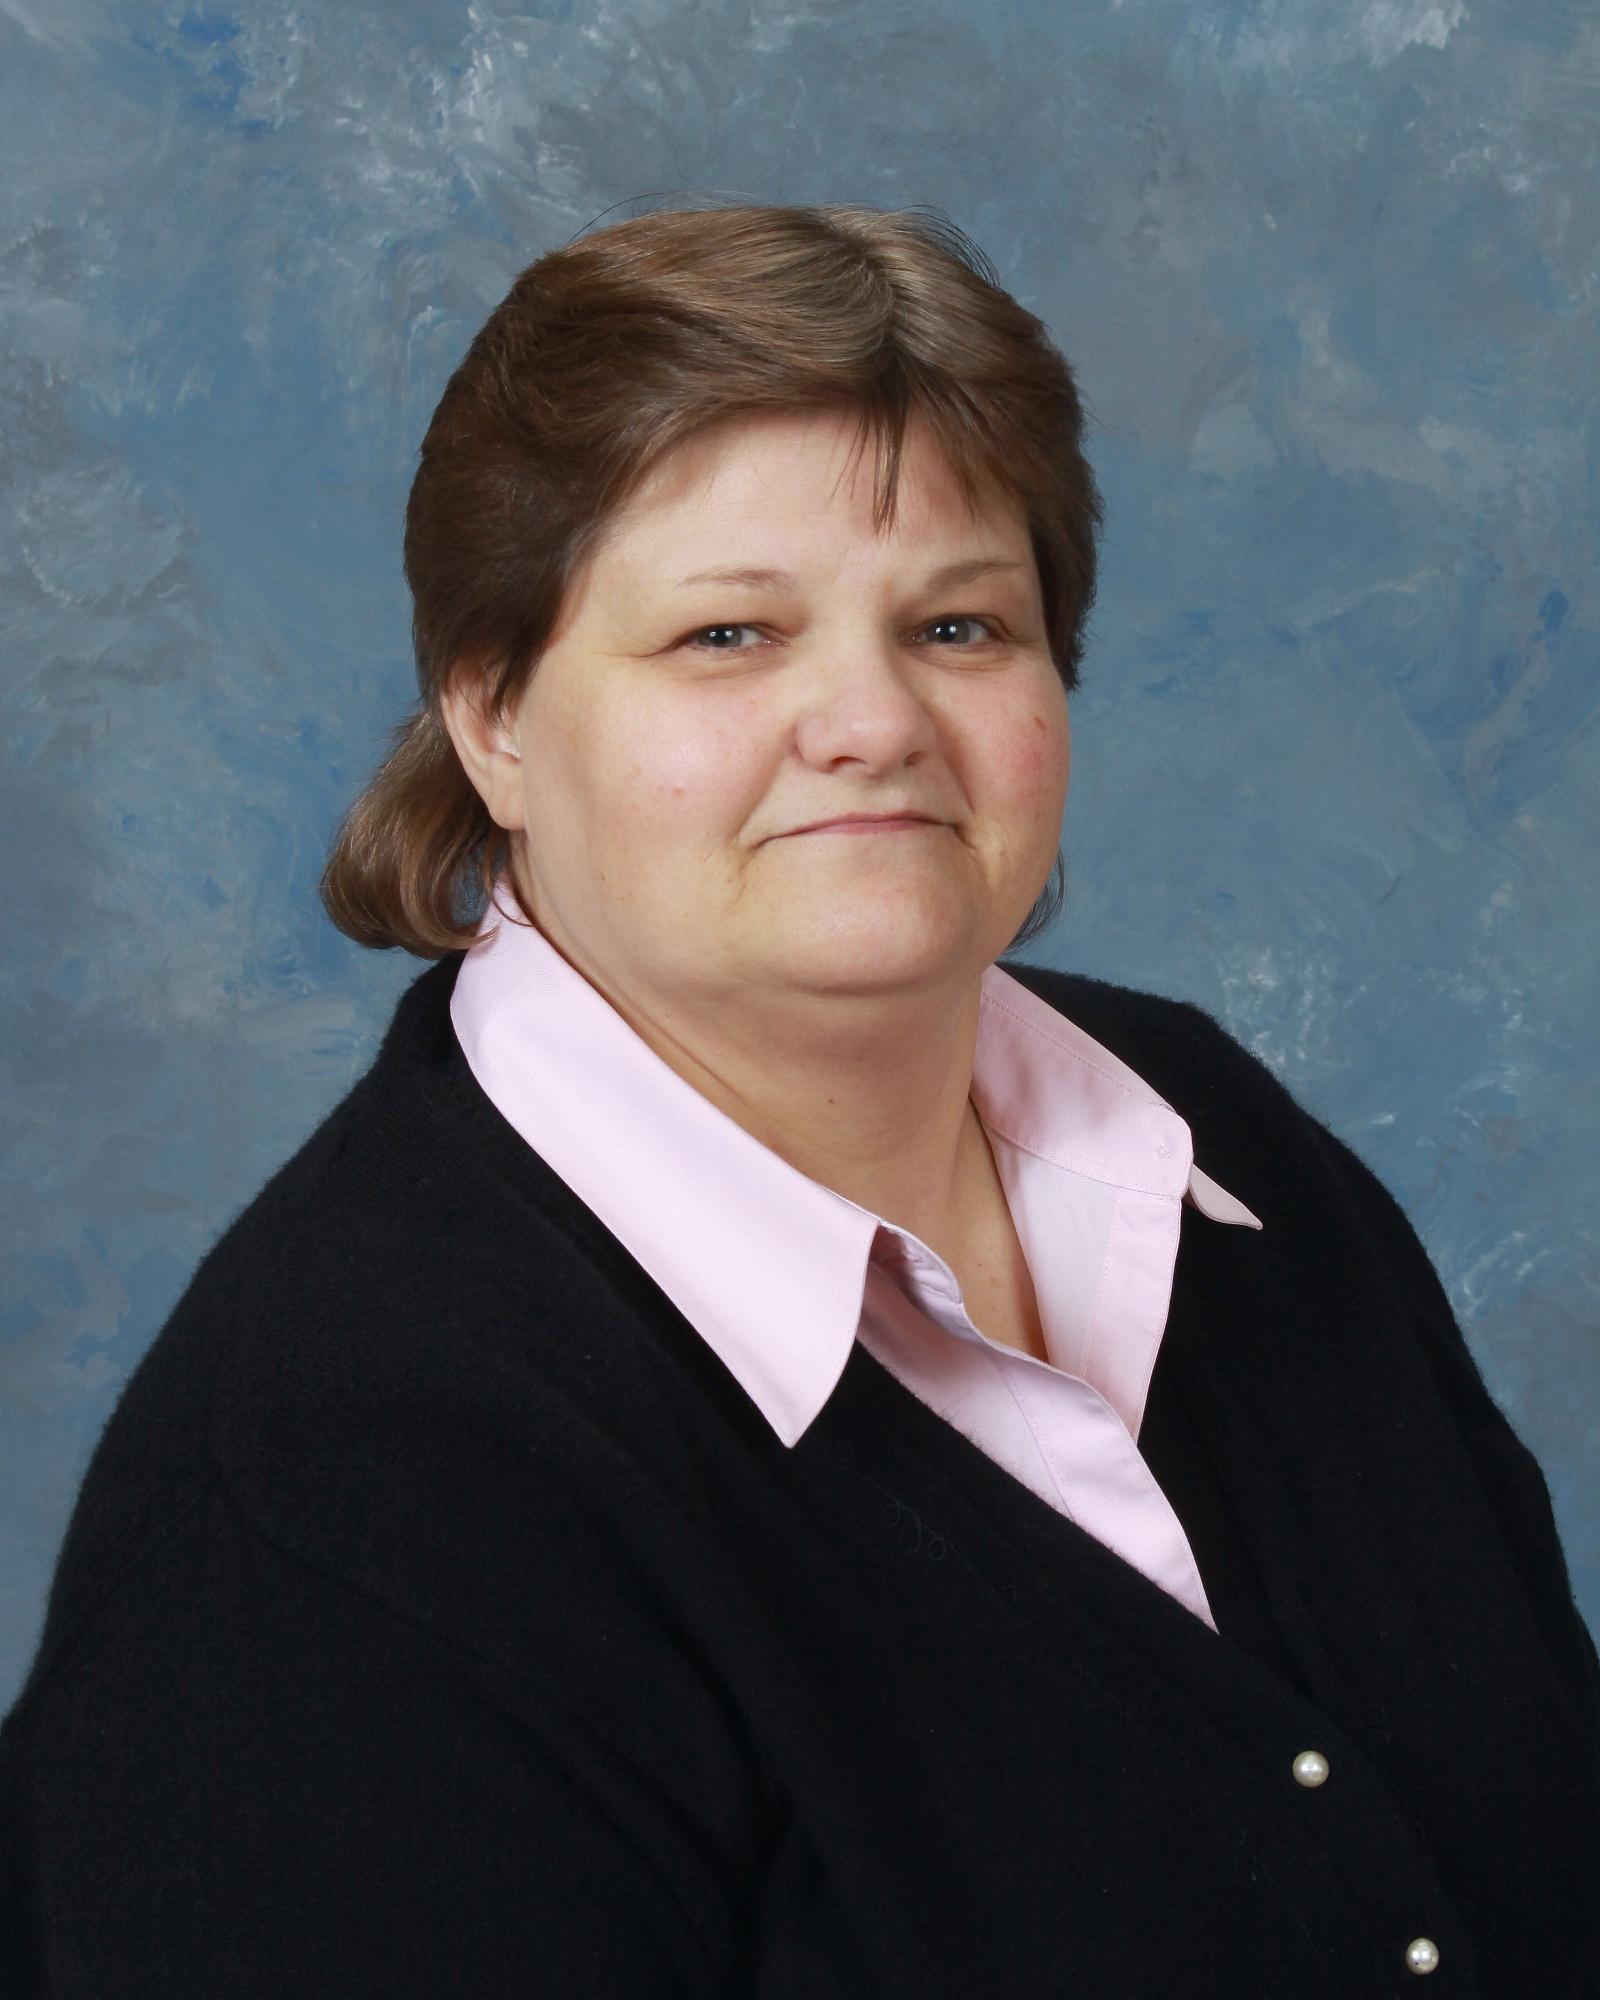 Brenda Elrod